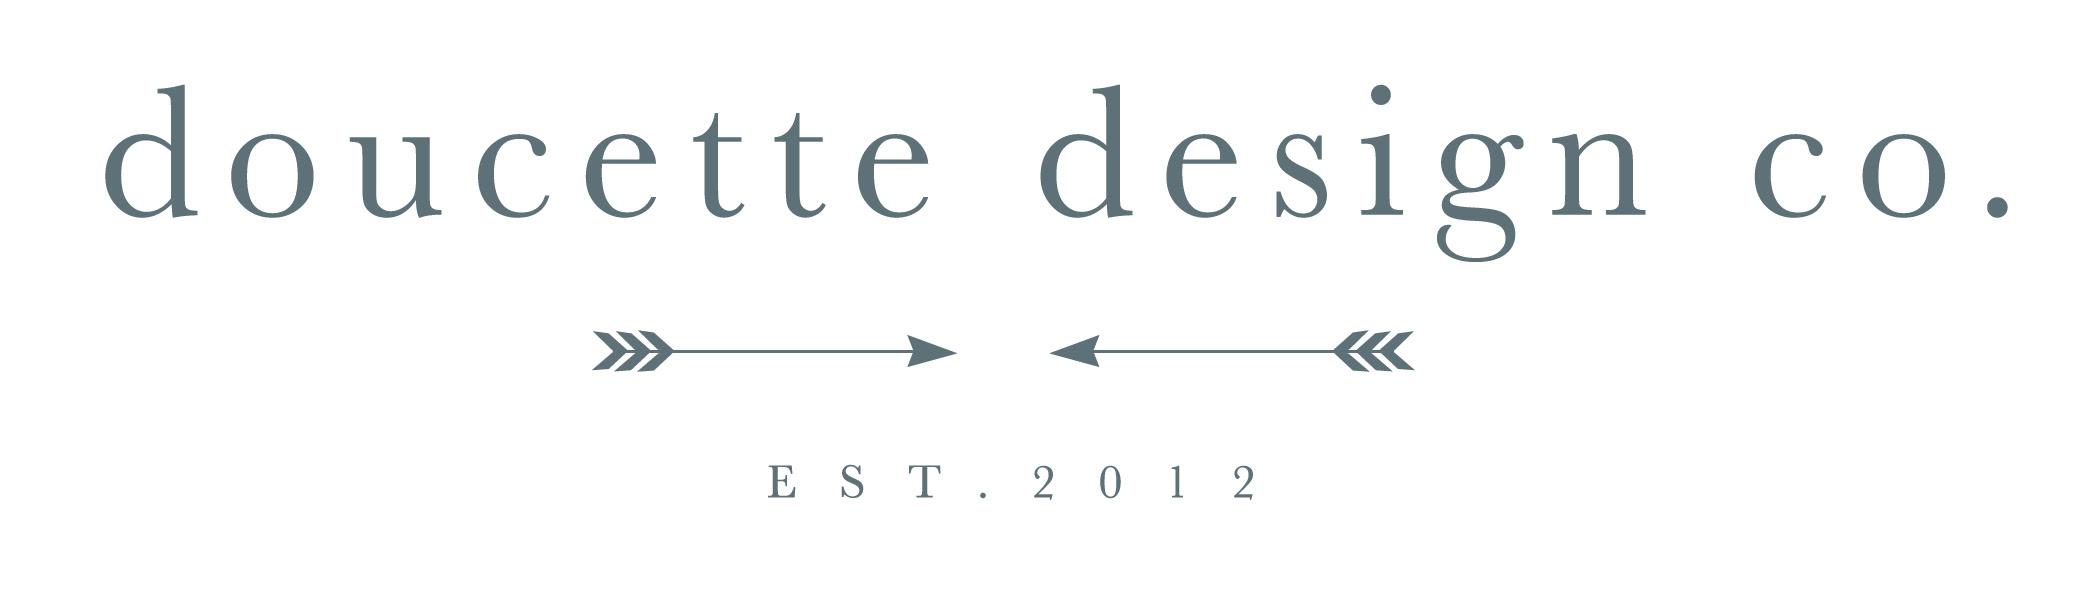 Risultati immagini per doucette design logo